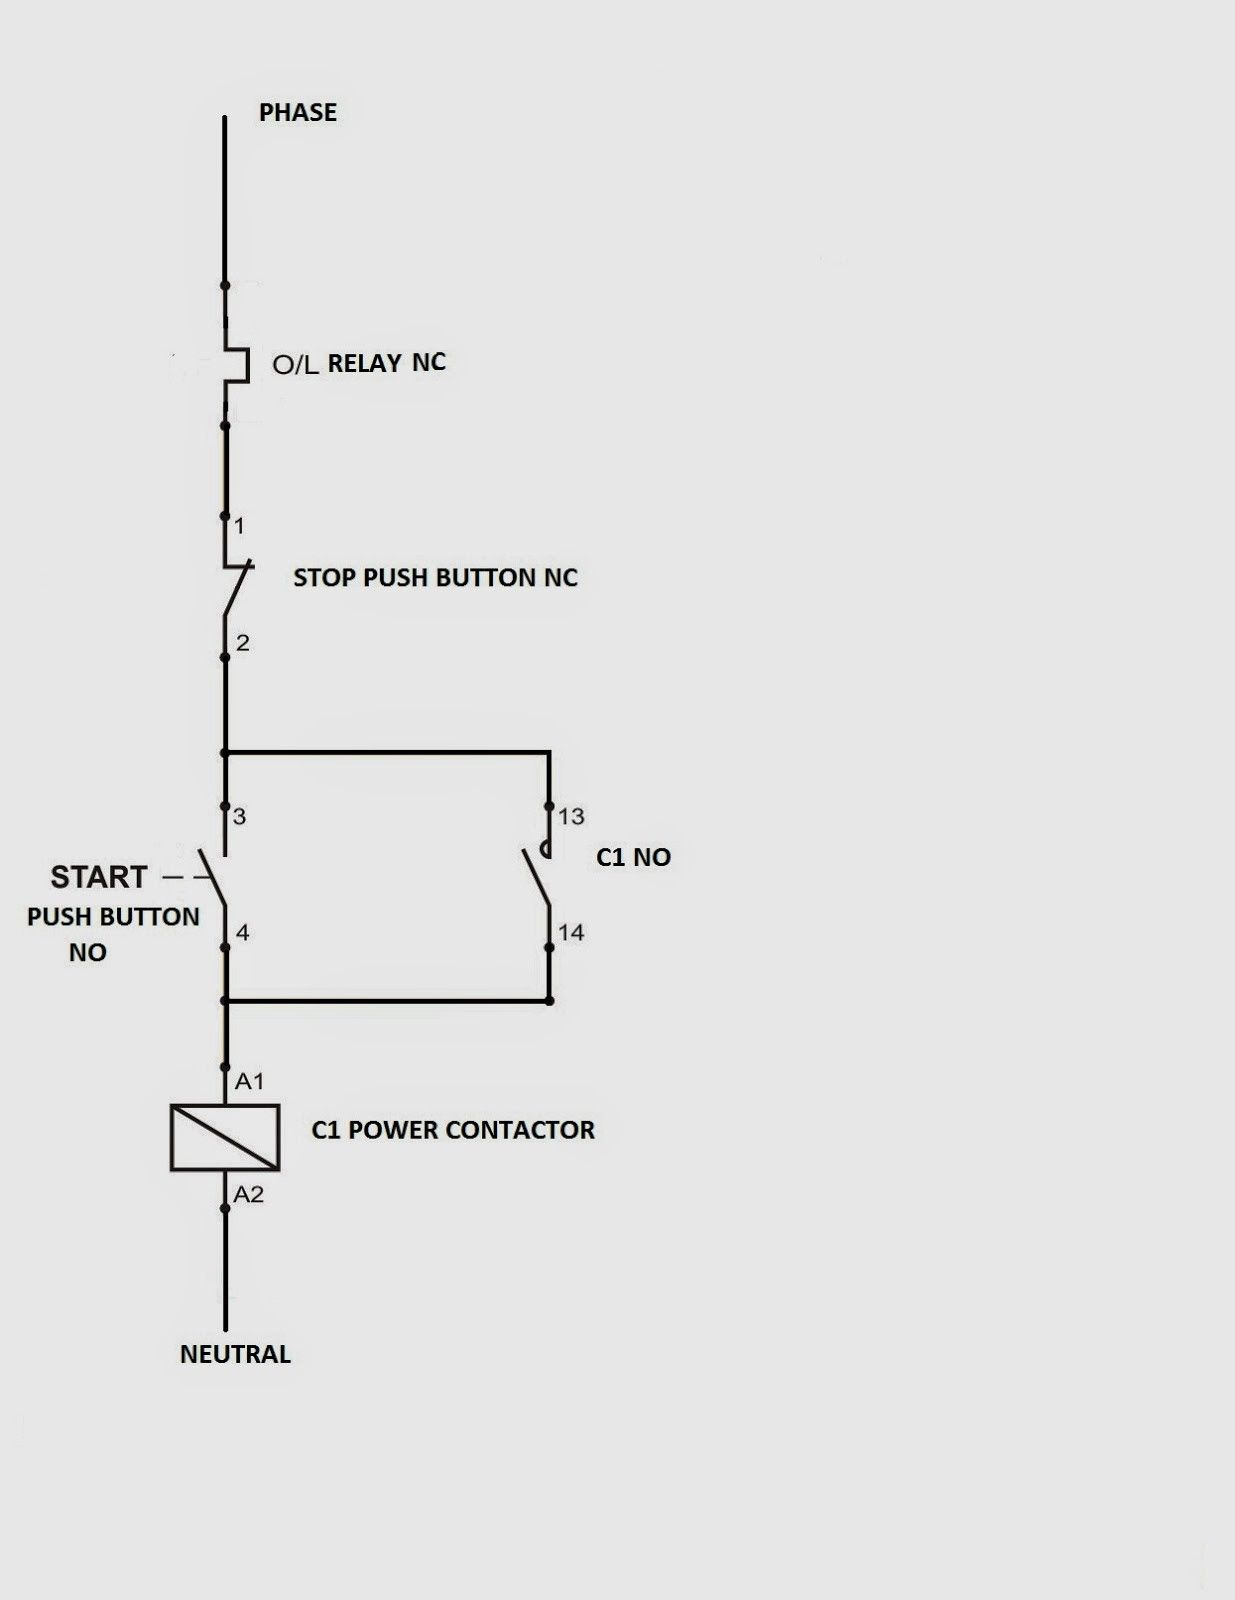 Diagram Diagramsample Diagramtemplate Wiringdiagram Diagramchart Worksheet Worksheettemplate Circuit Diagram Diagram Electrical Diagram